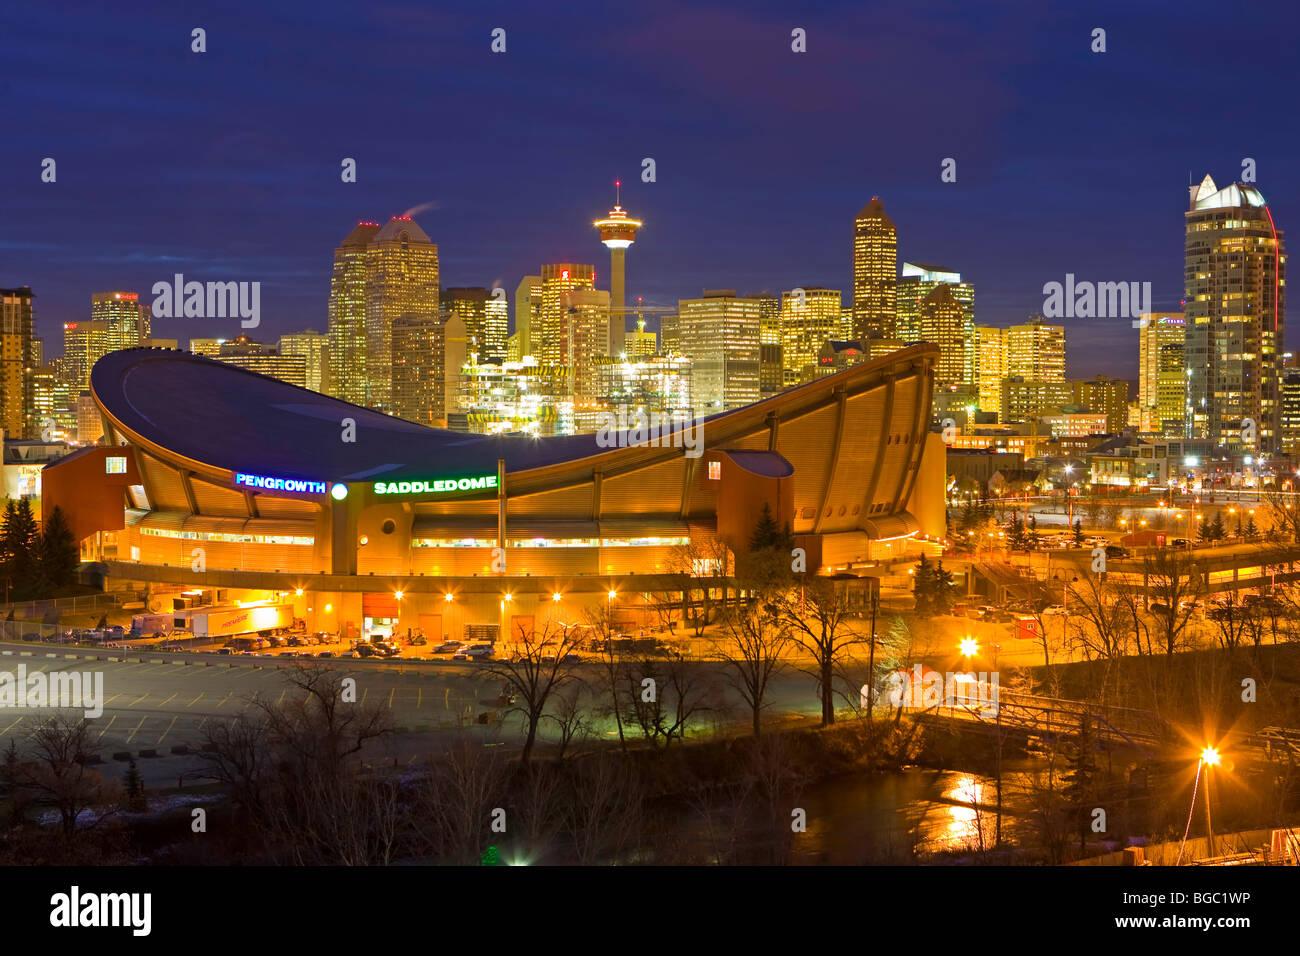 Il Saddledome con edifici ad alta e la Torre di Calgary in background al crepuscolo, città di Calgary, Alberta, Immagini Stock